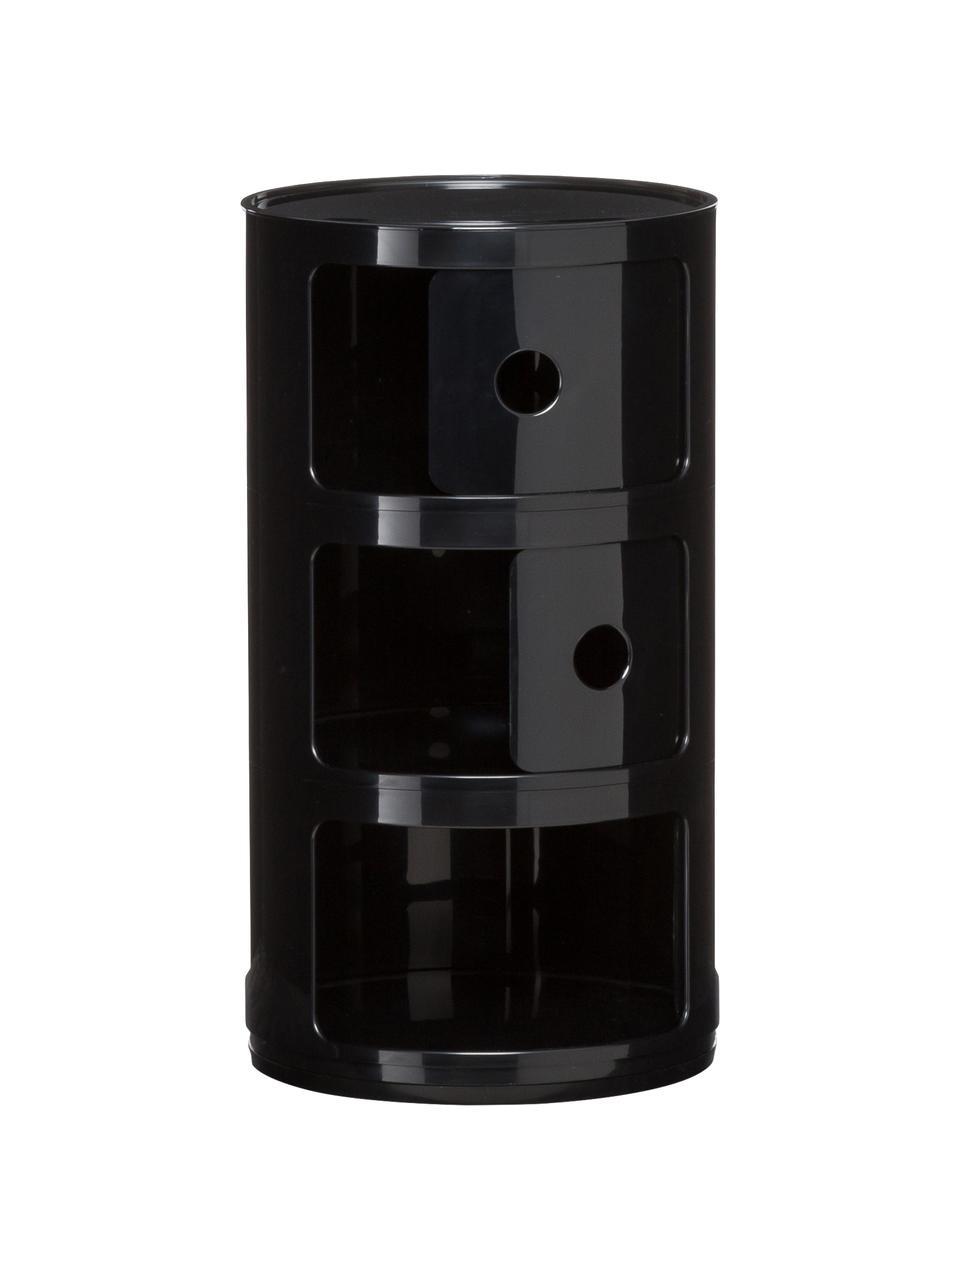 Contenitore di design a 3 cassetti Componibili, Materiale sintetico (ABS) verniciato, Nero lucido, Ø 32 x Alt. 59 cm